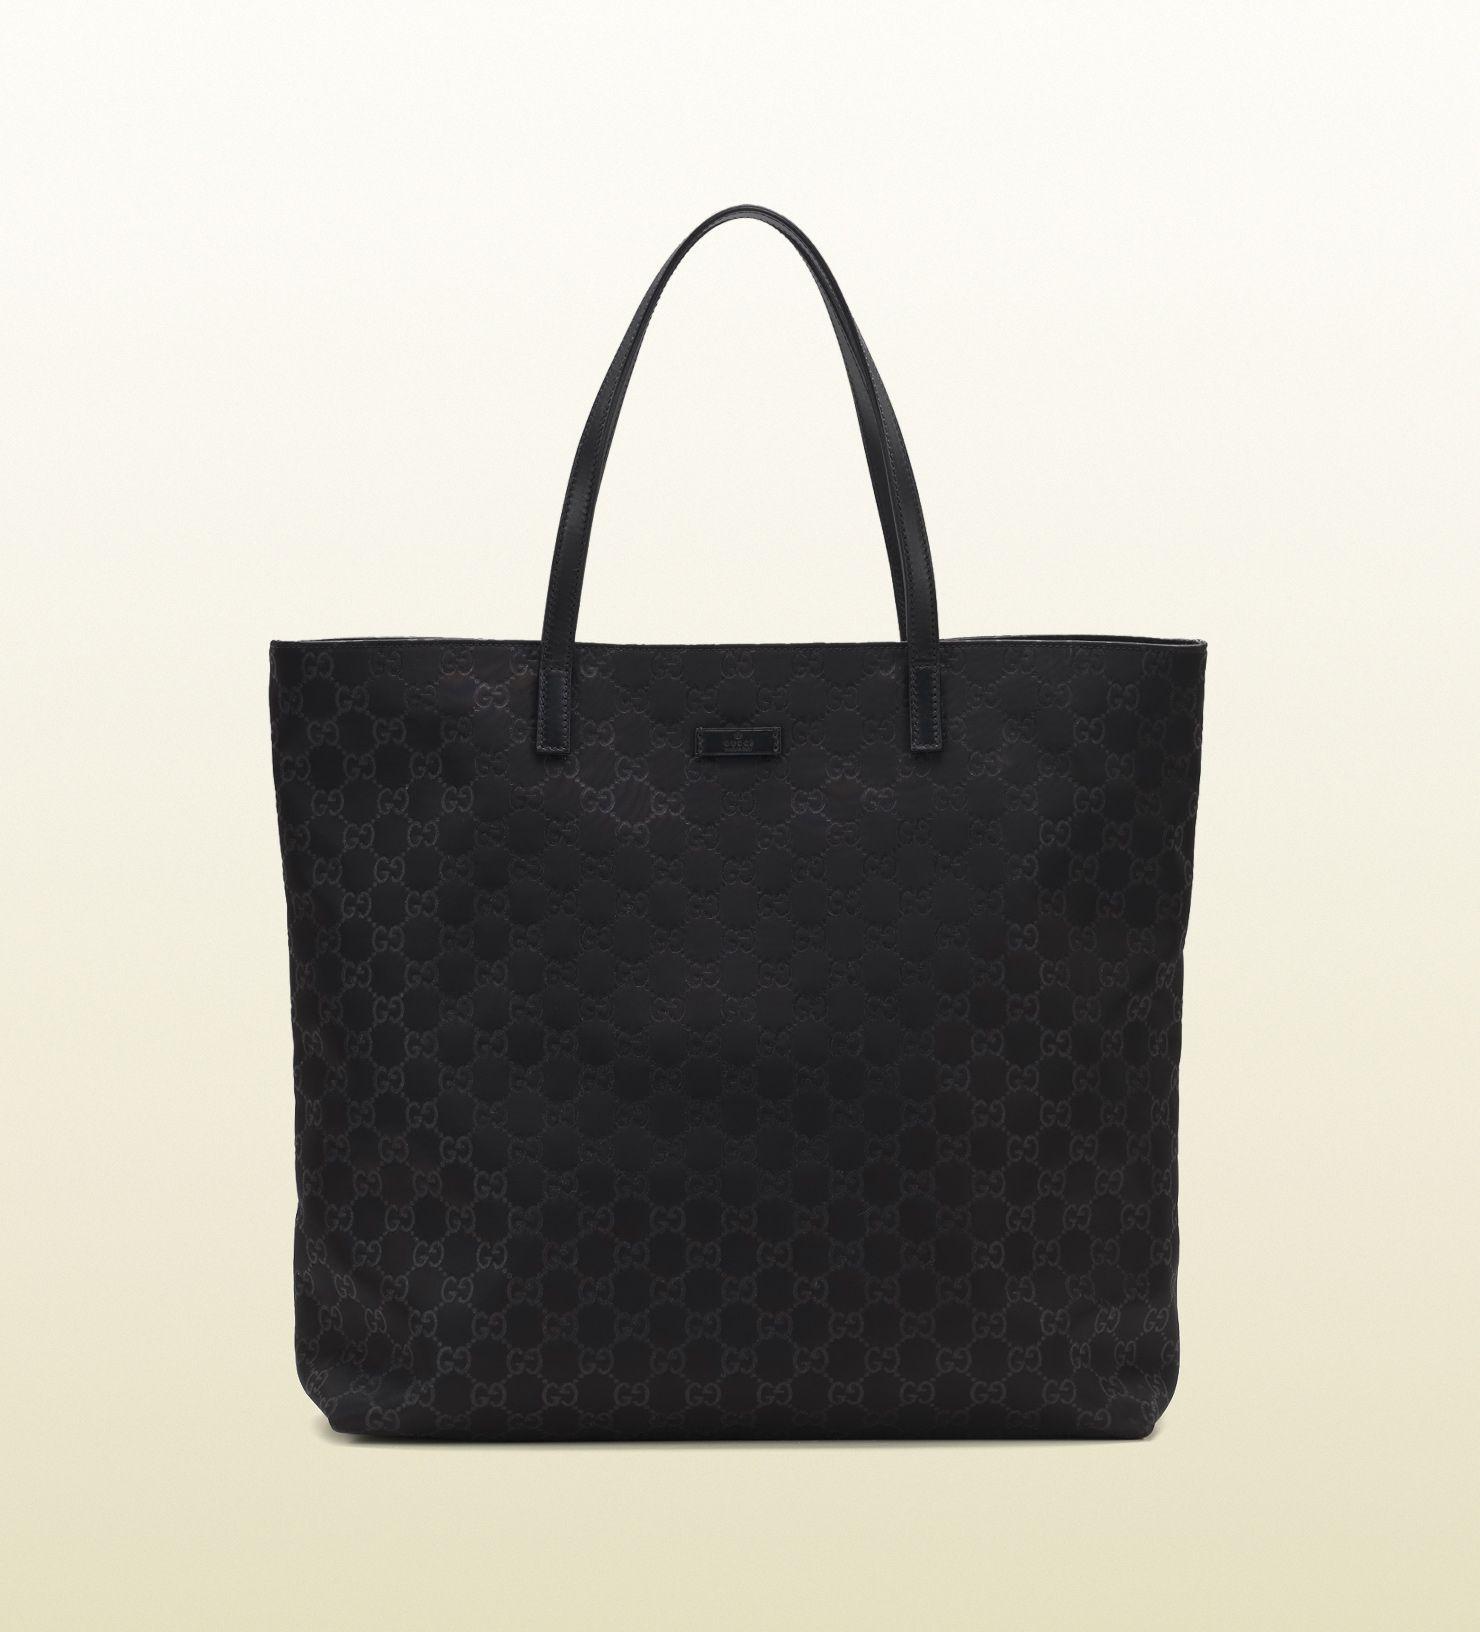 black Gucci tote bag